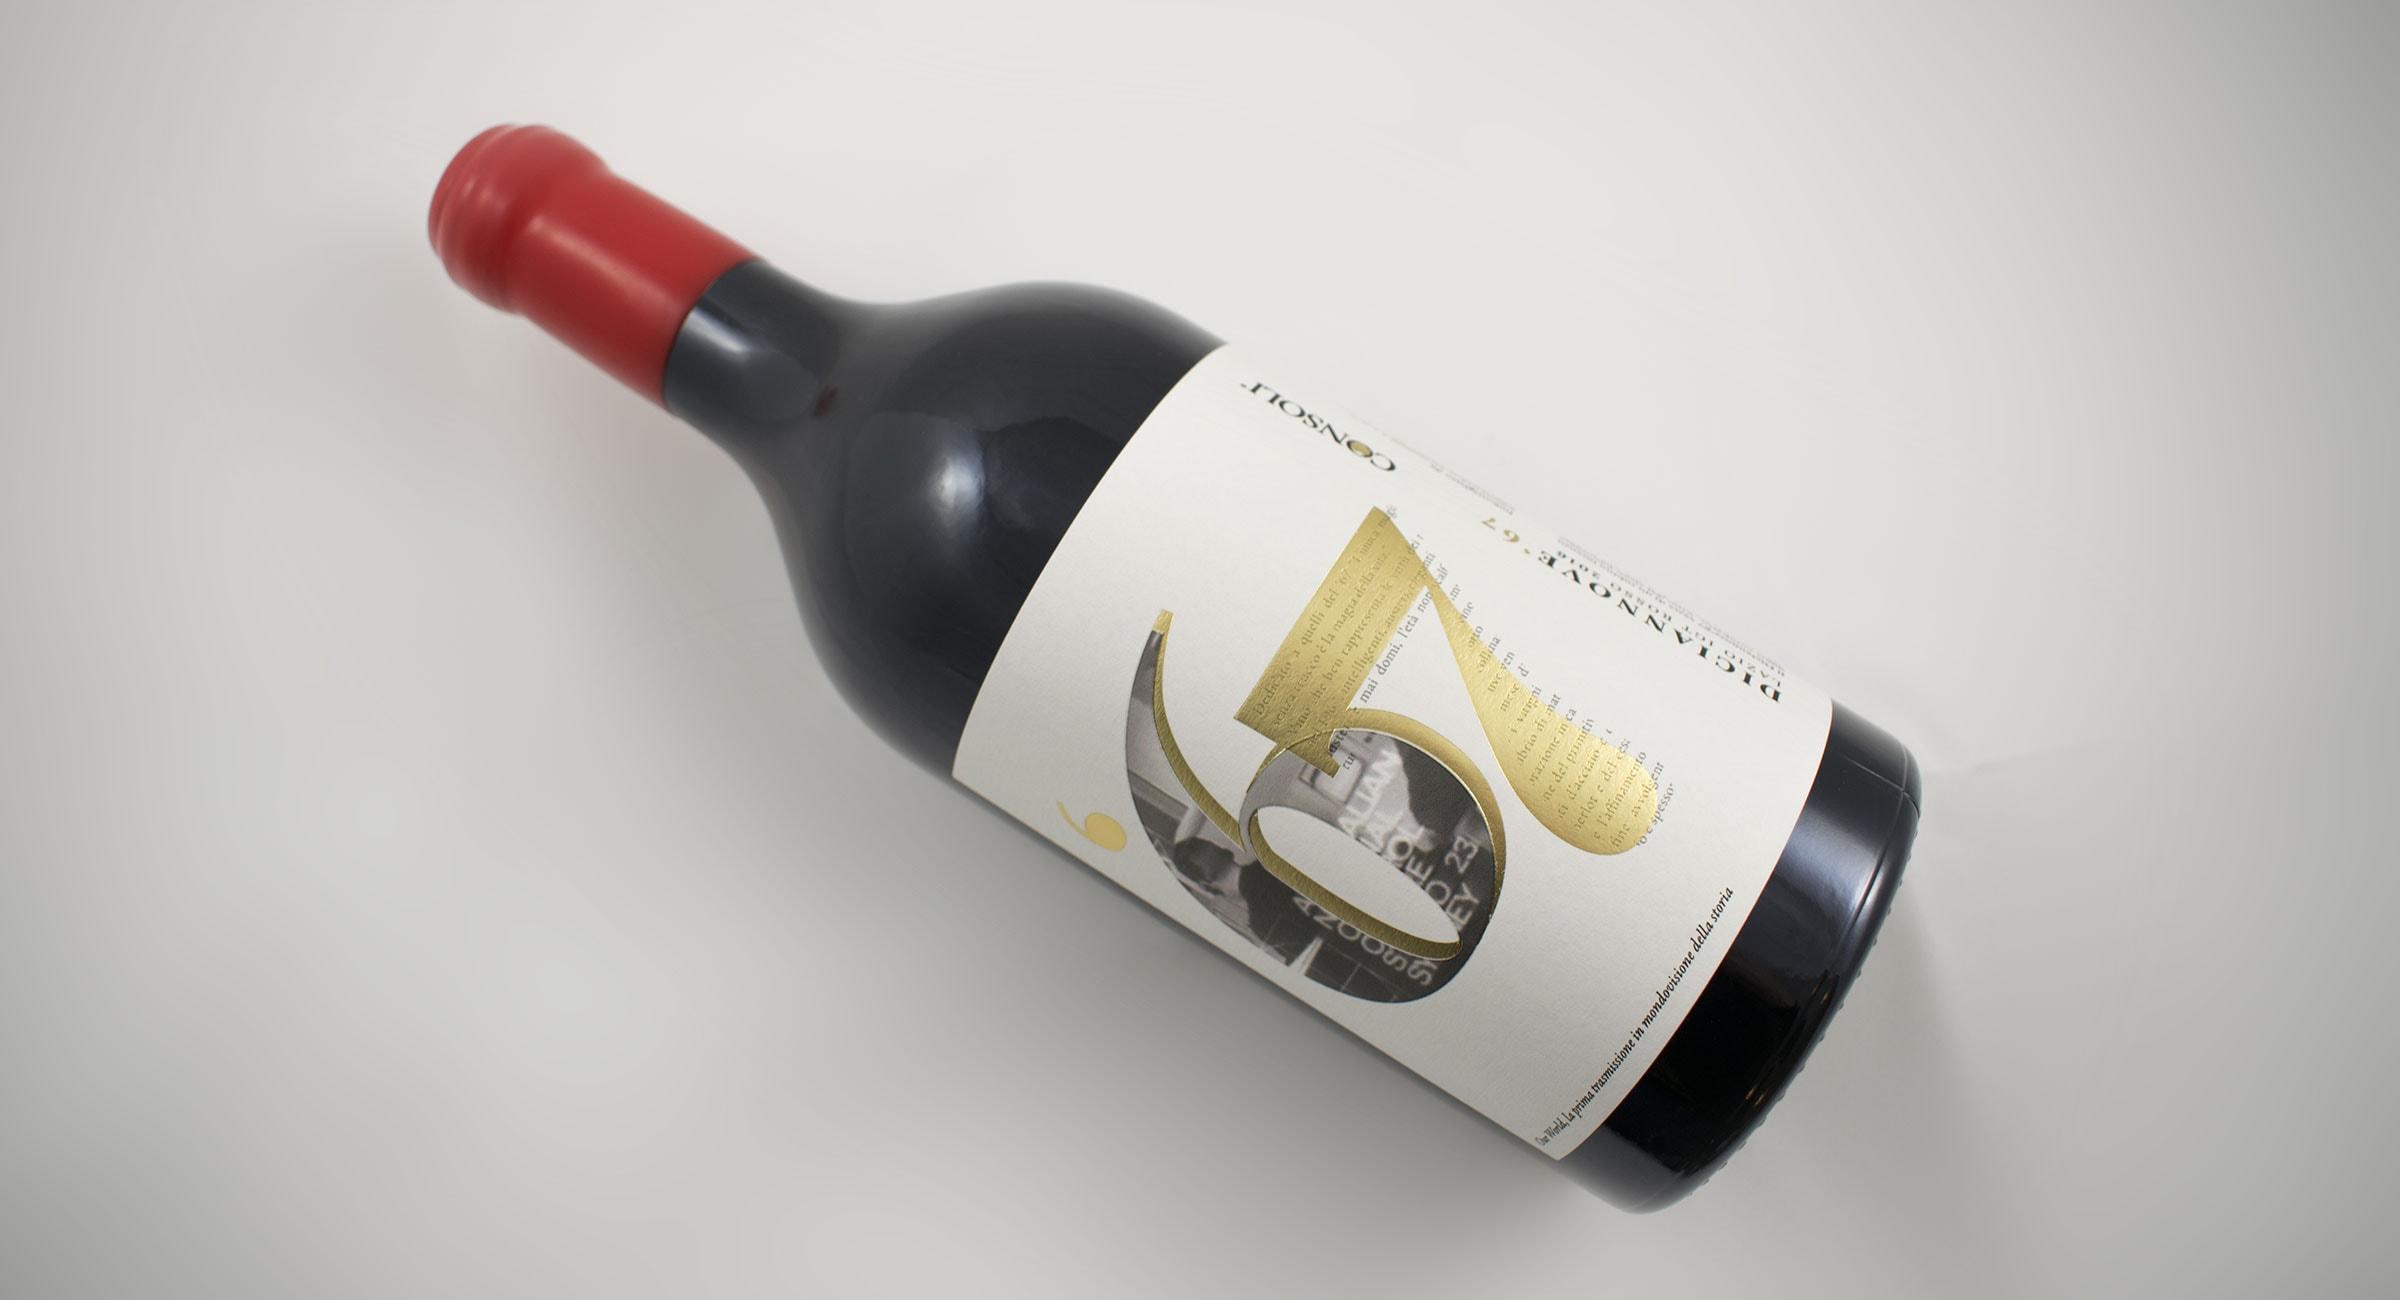 Bottiglia di vino rosso con chiusura del tappo in ceralacca con etichetta in carta bianca decorata in lamina oro e rilievo serigrafico.